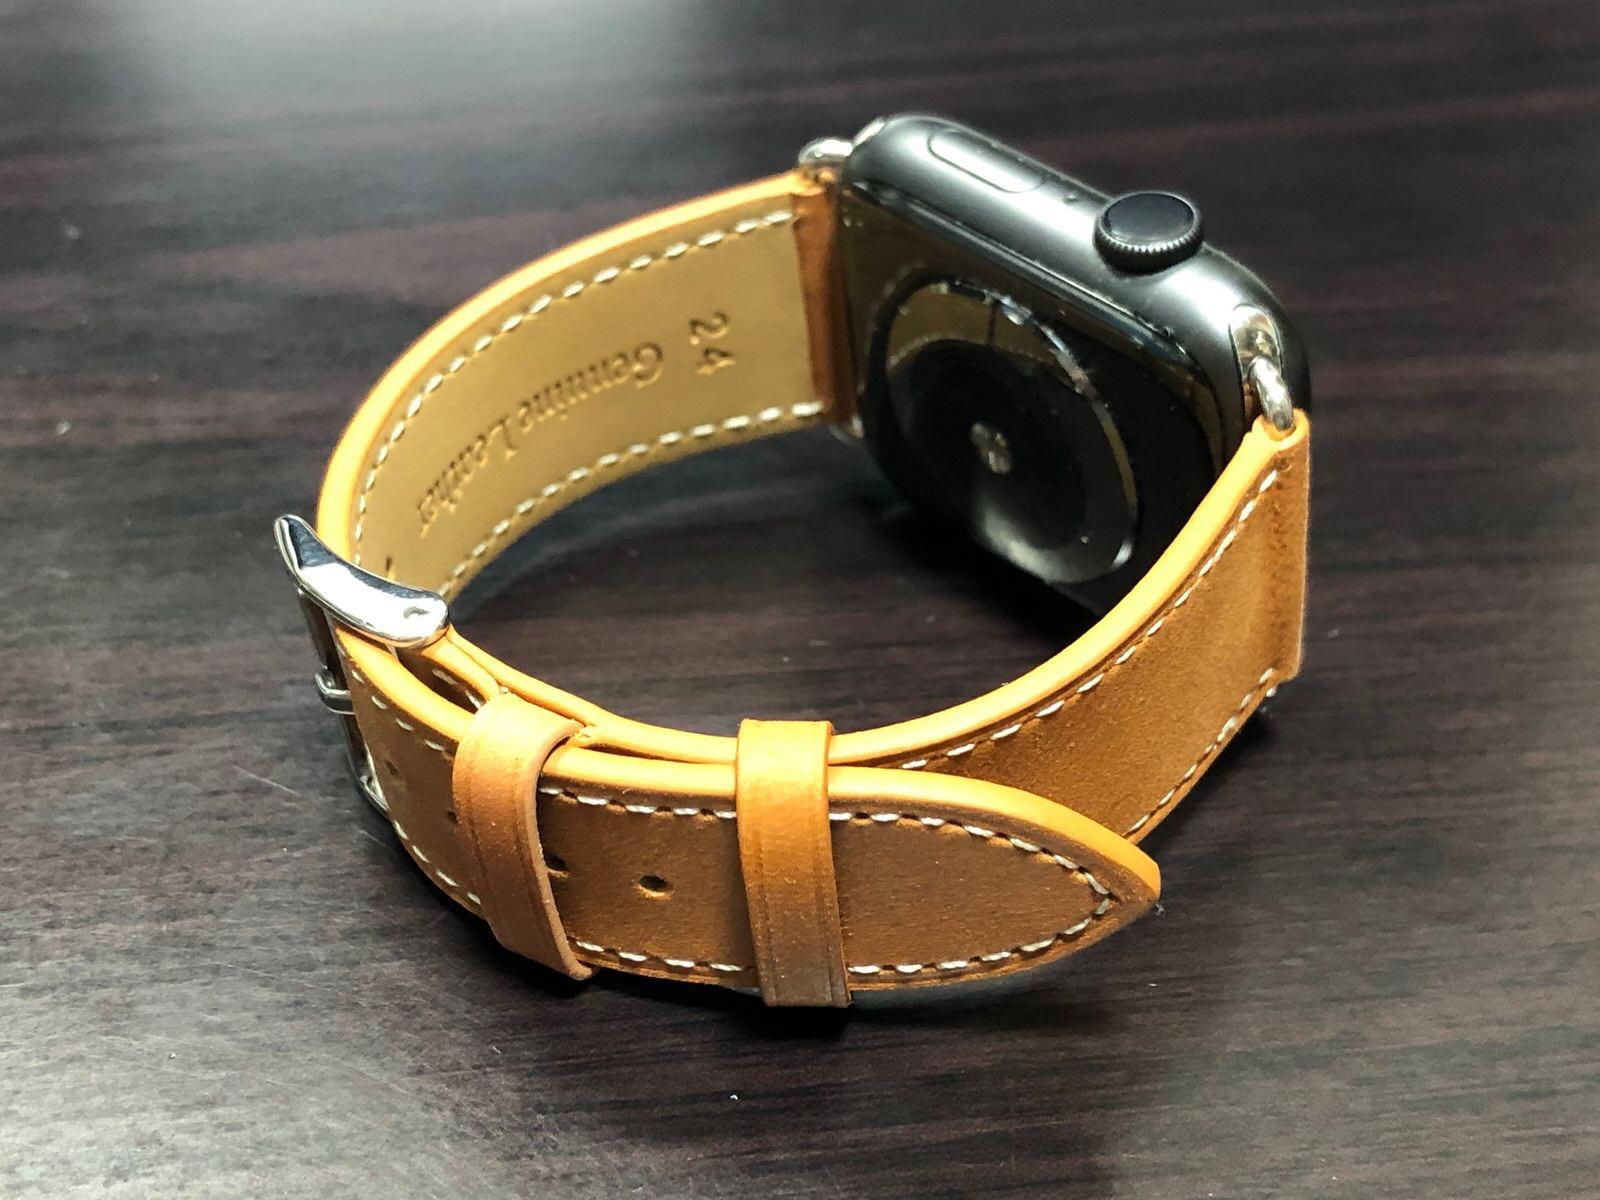 BRG コンパチブル Apple Watch Series 4(44mm)本革バンド(ブラウン)-9